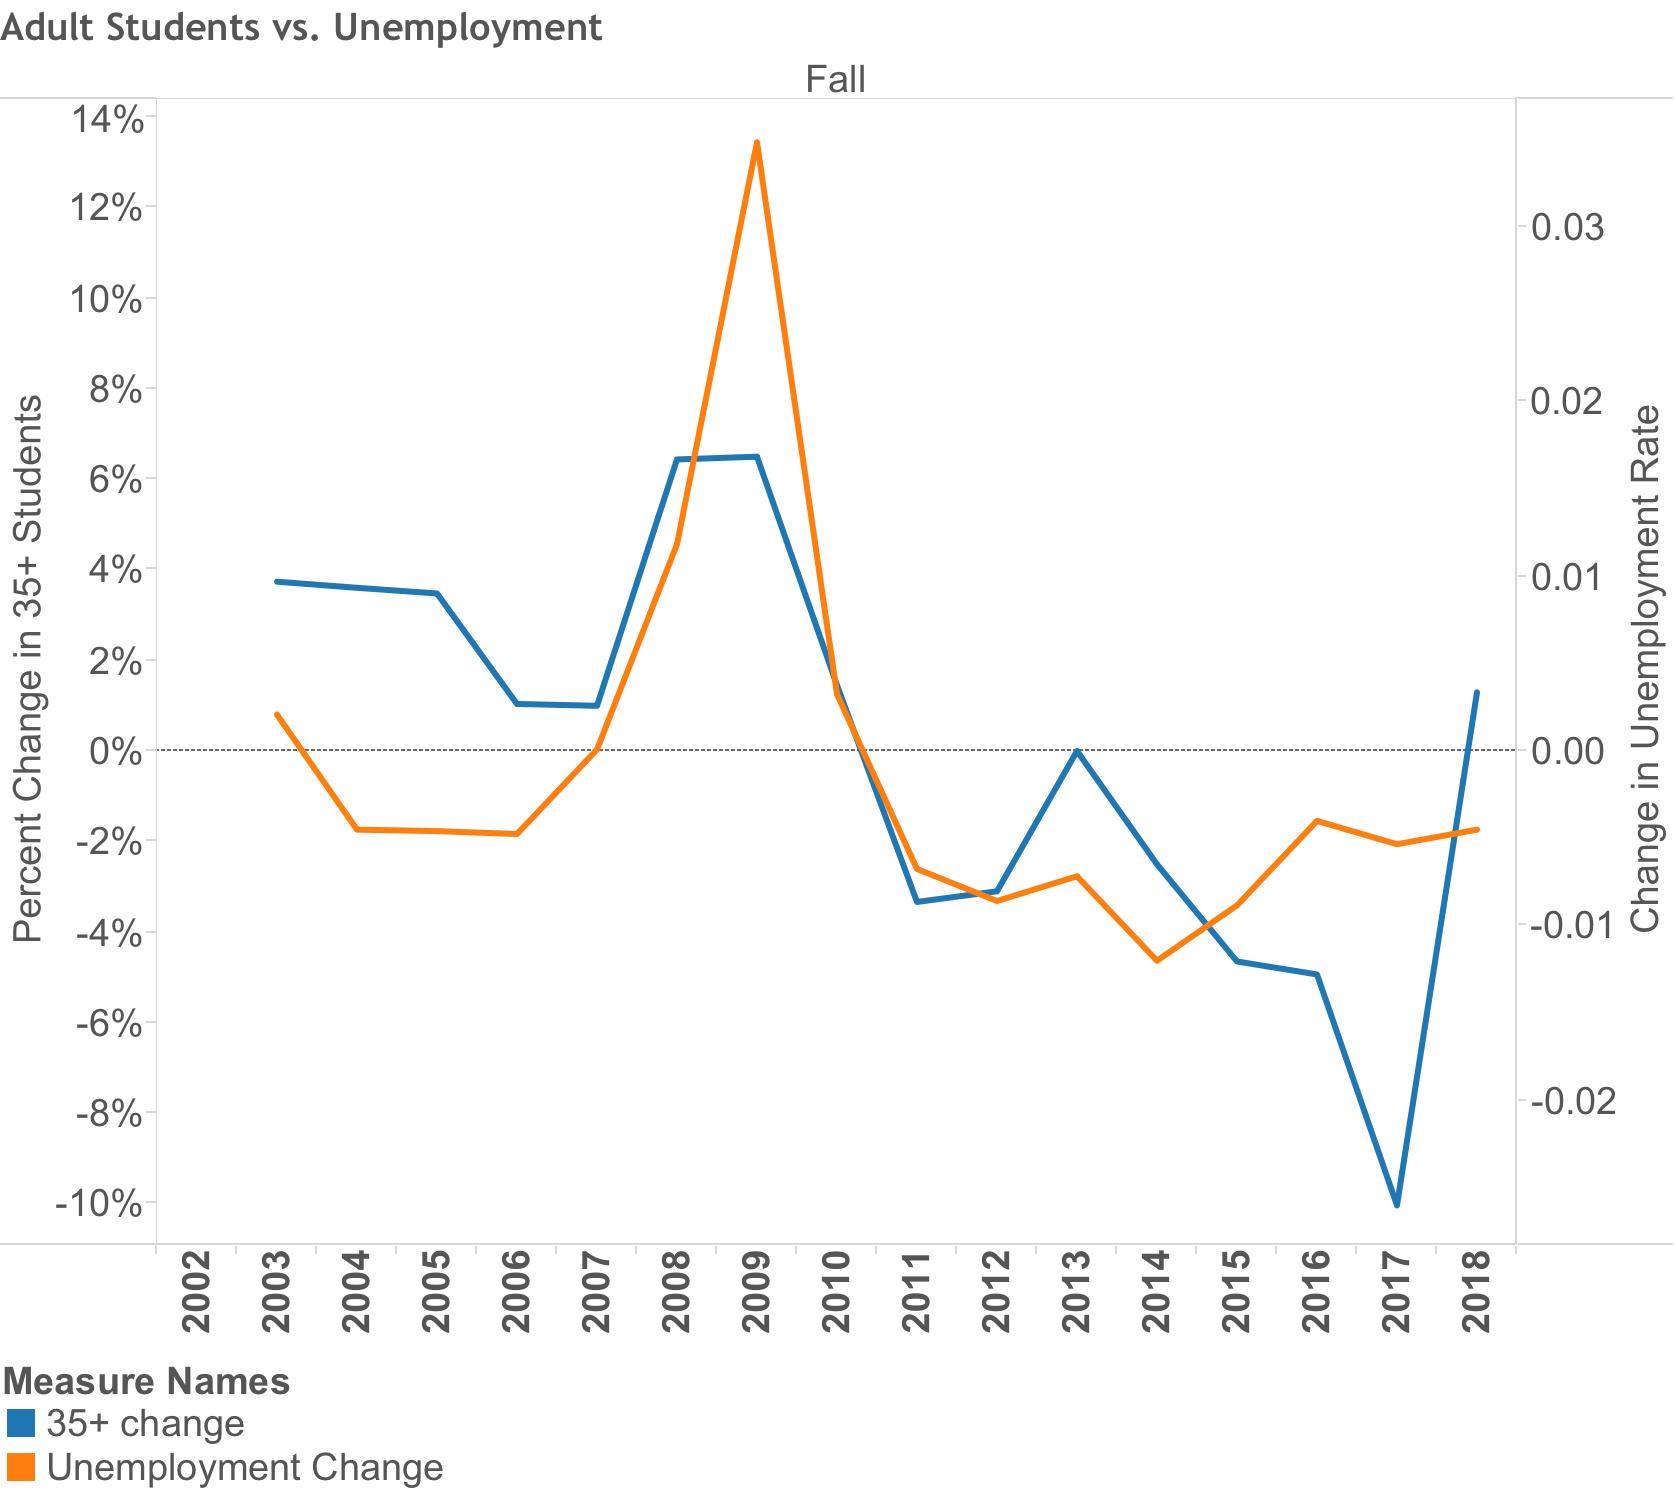 Adult Students vs. Unemployment